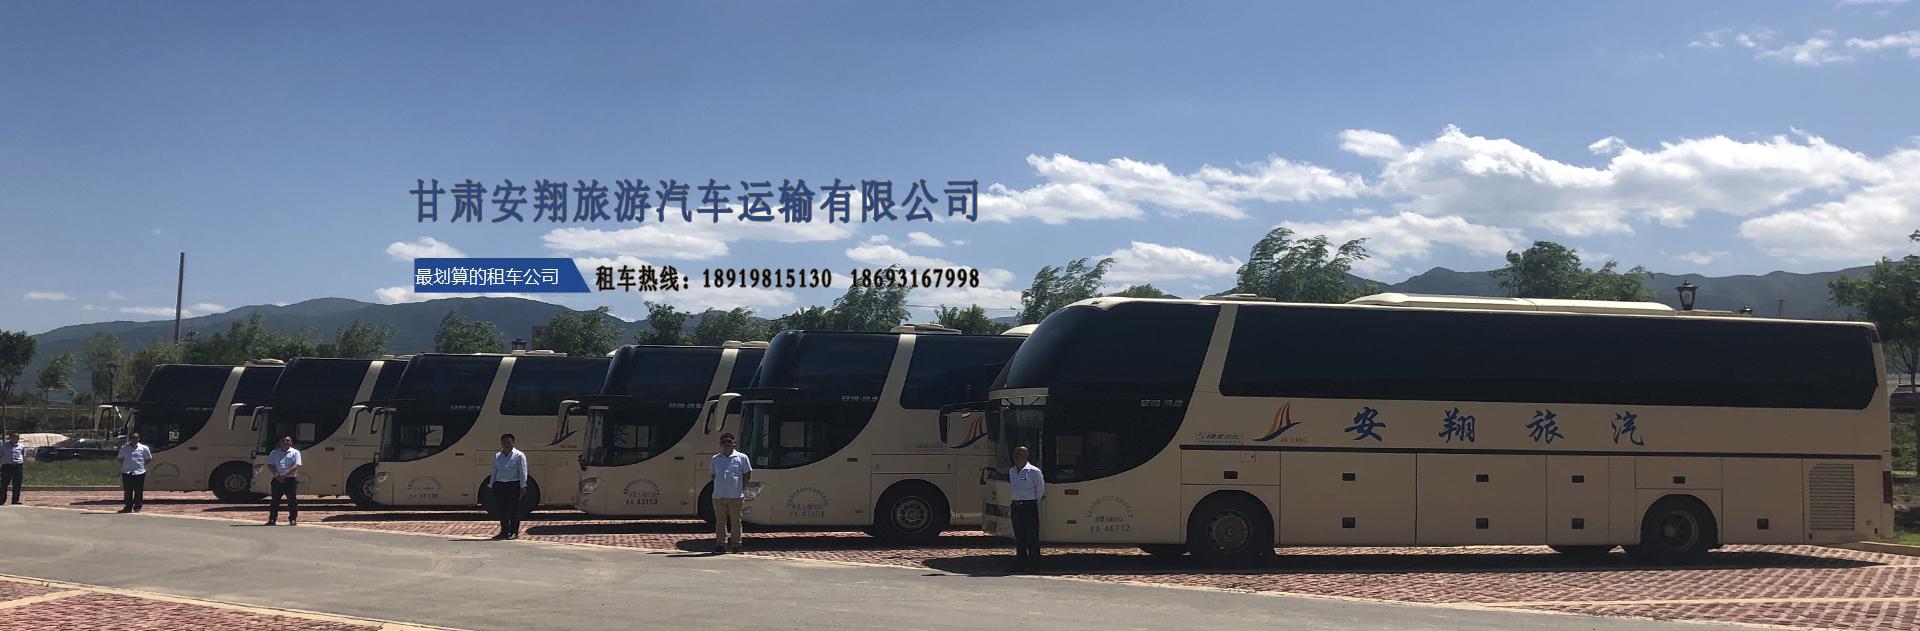 甘肃旅游汽车